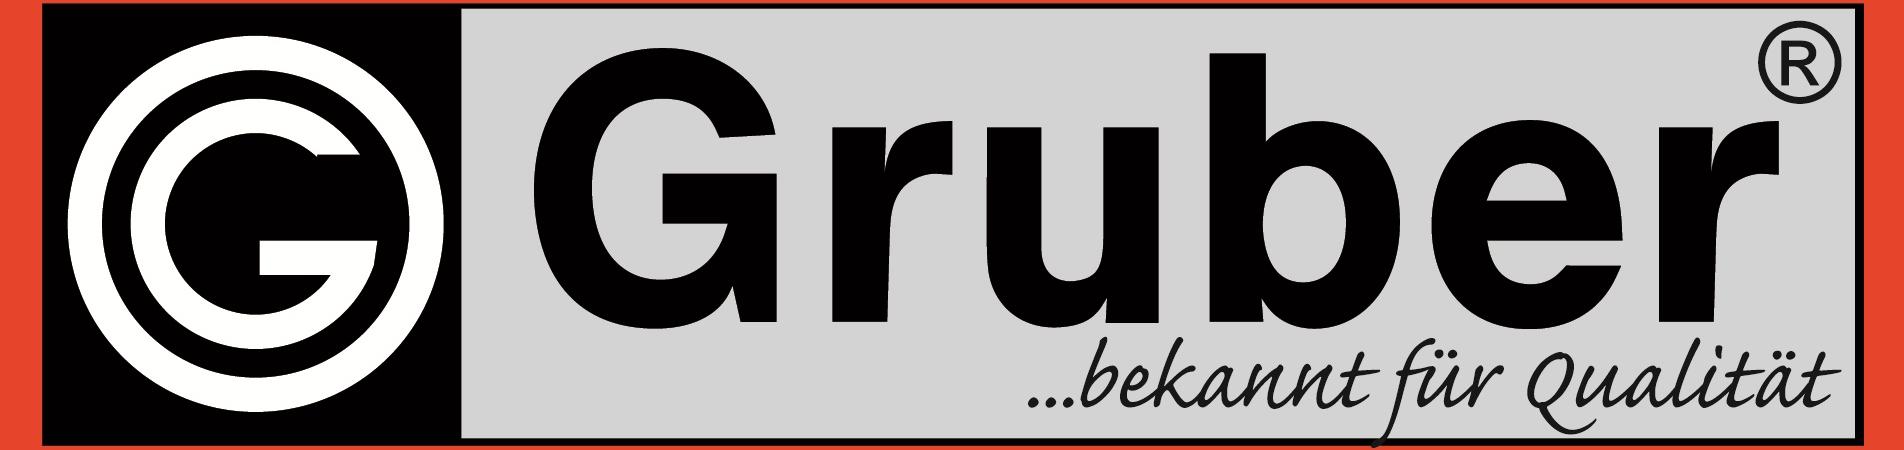 Gruber Getreidetechnik